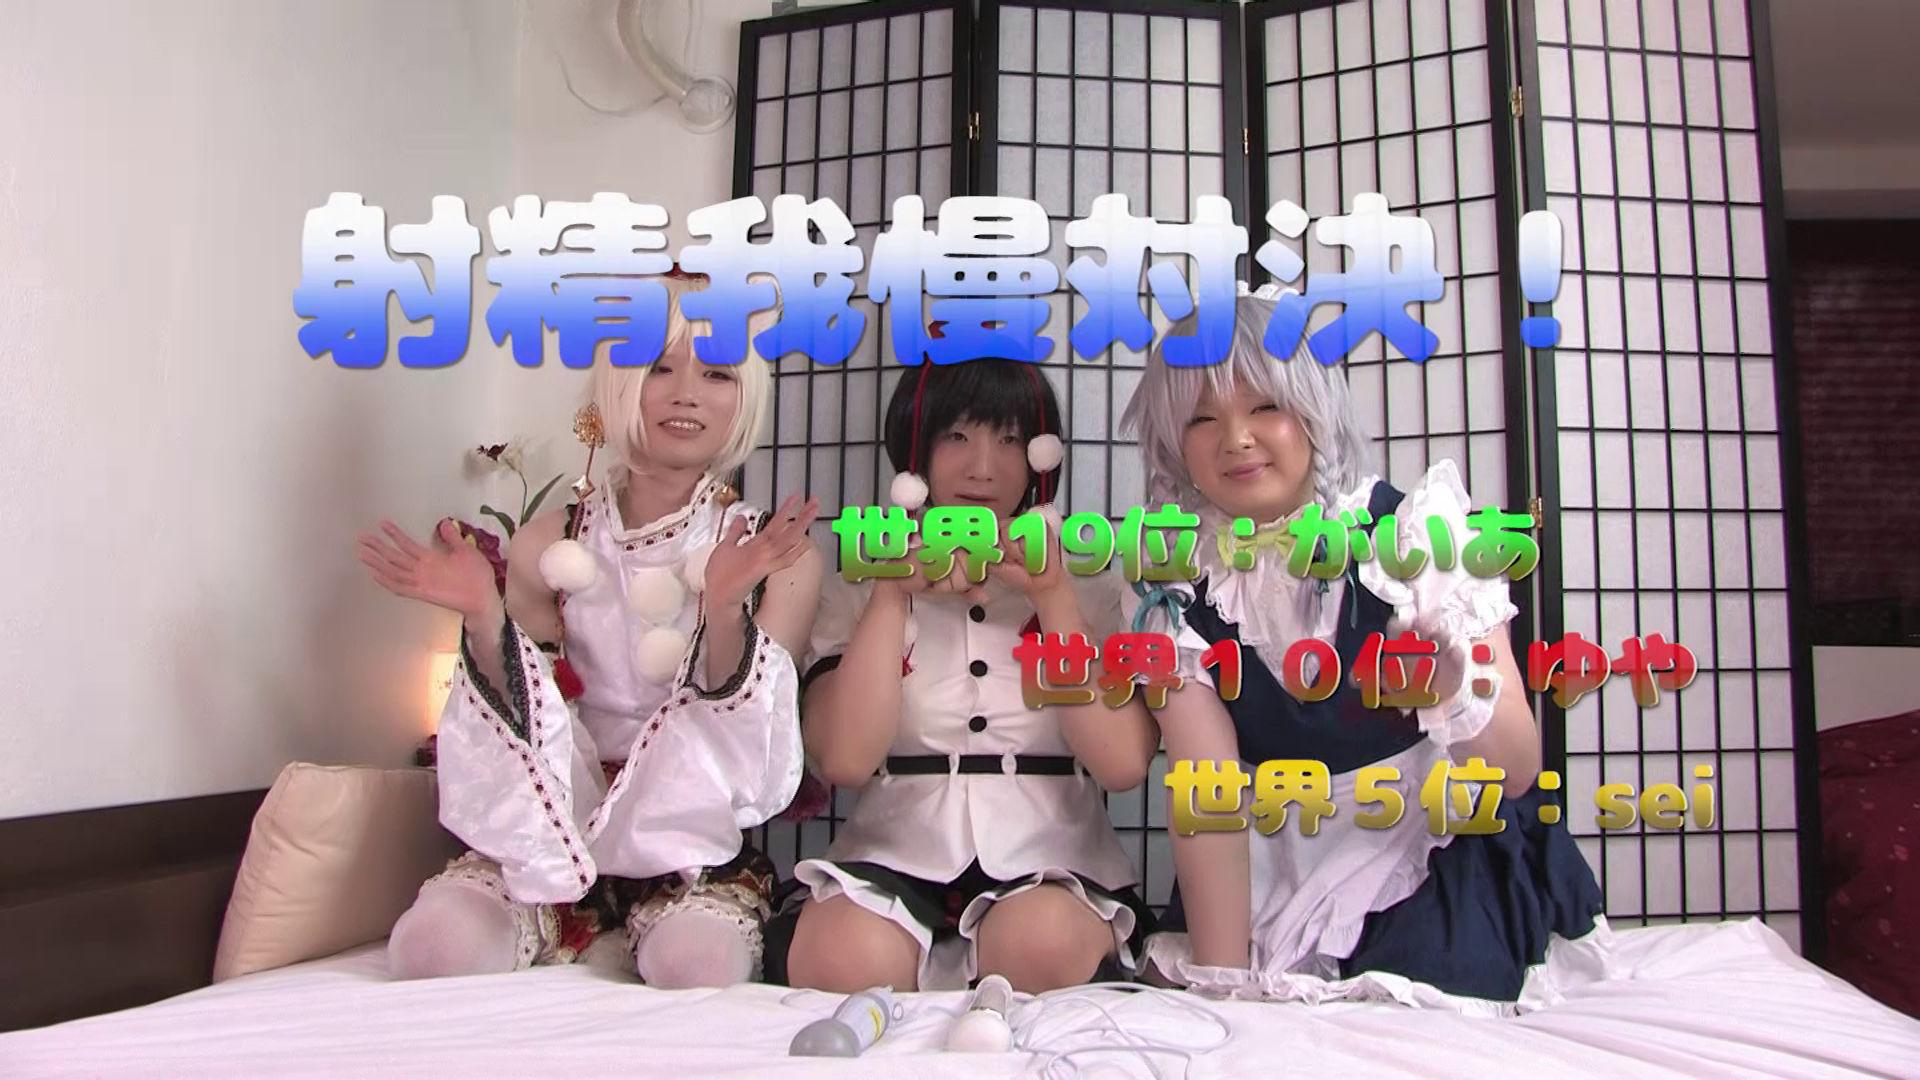 CJD射精祭vol.1